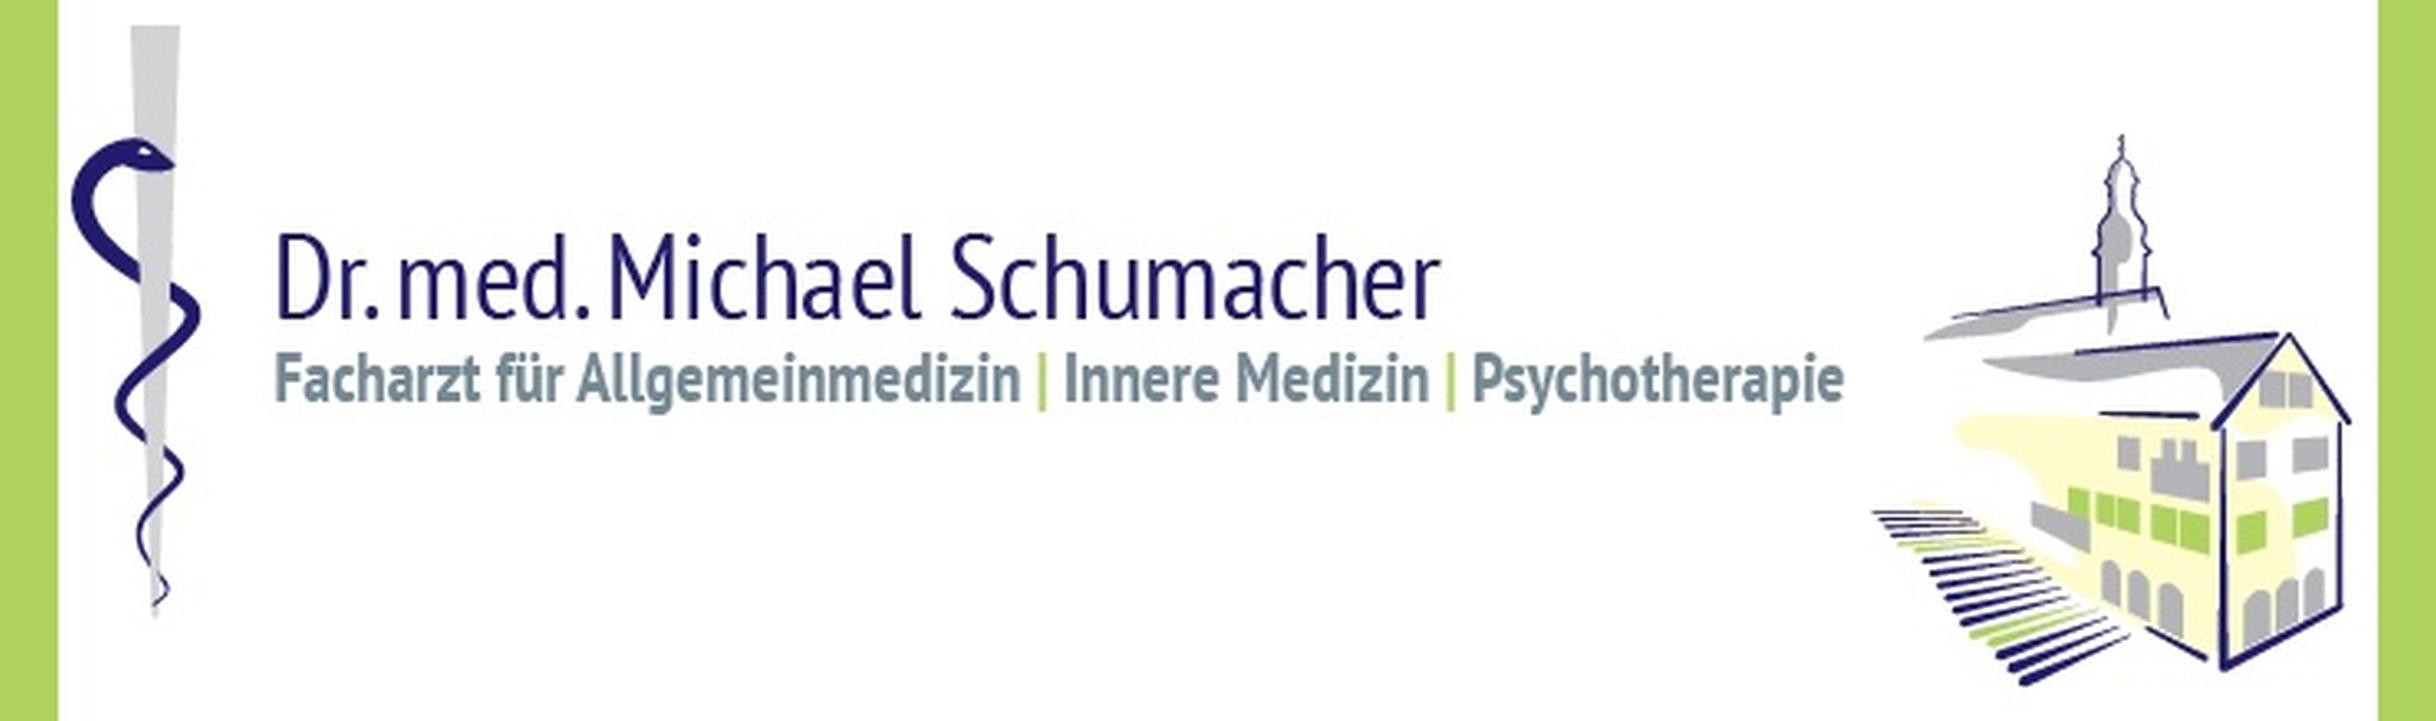 Logo Dr. med. Michael Schumacher - Facharzt für Allgemeinmedizin, Innere Medizin, Psychotherapie, Psychotherapeut